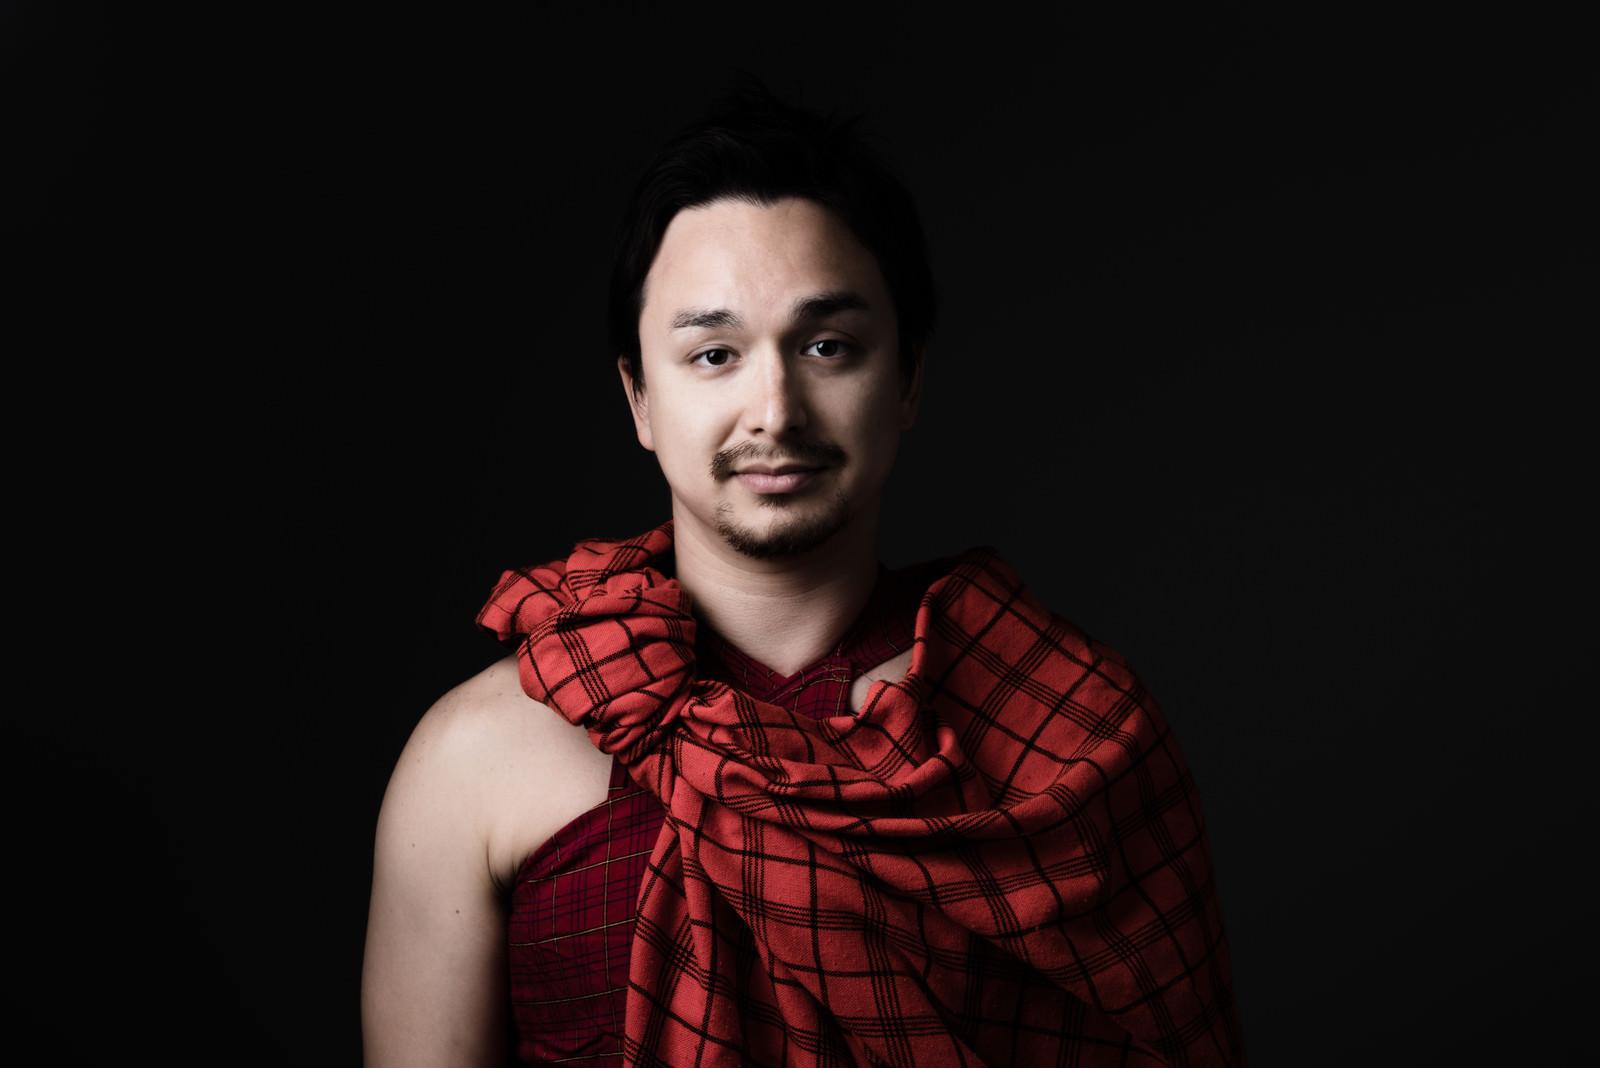 「マサイ族の赤い民族衣装を着ました」の写真[モデル:Max_Ezaki]